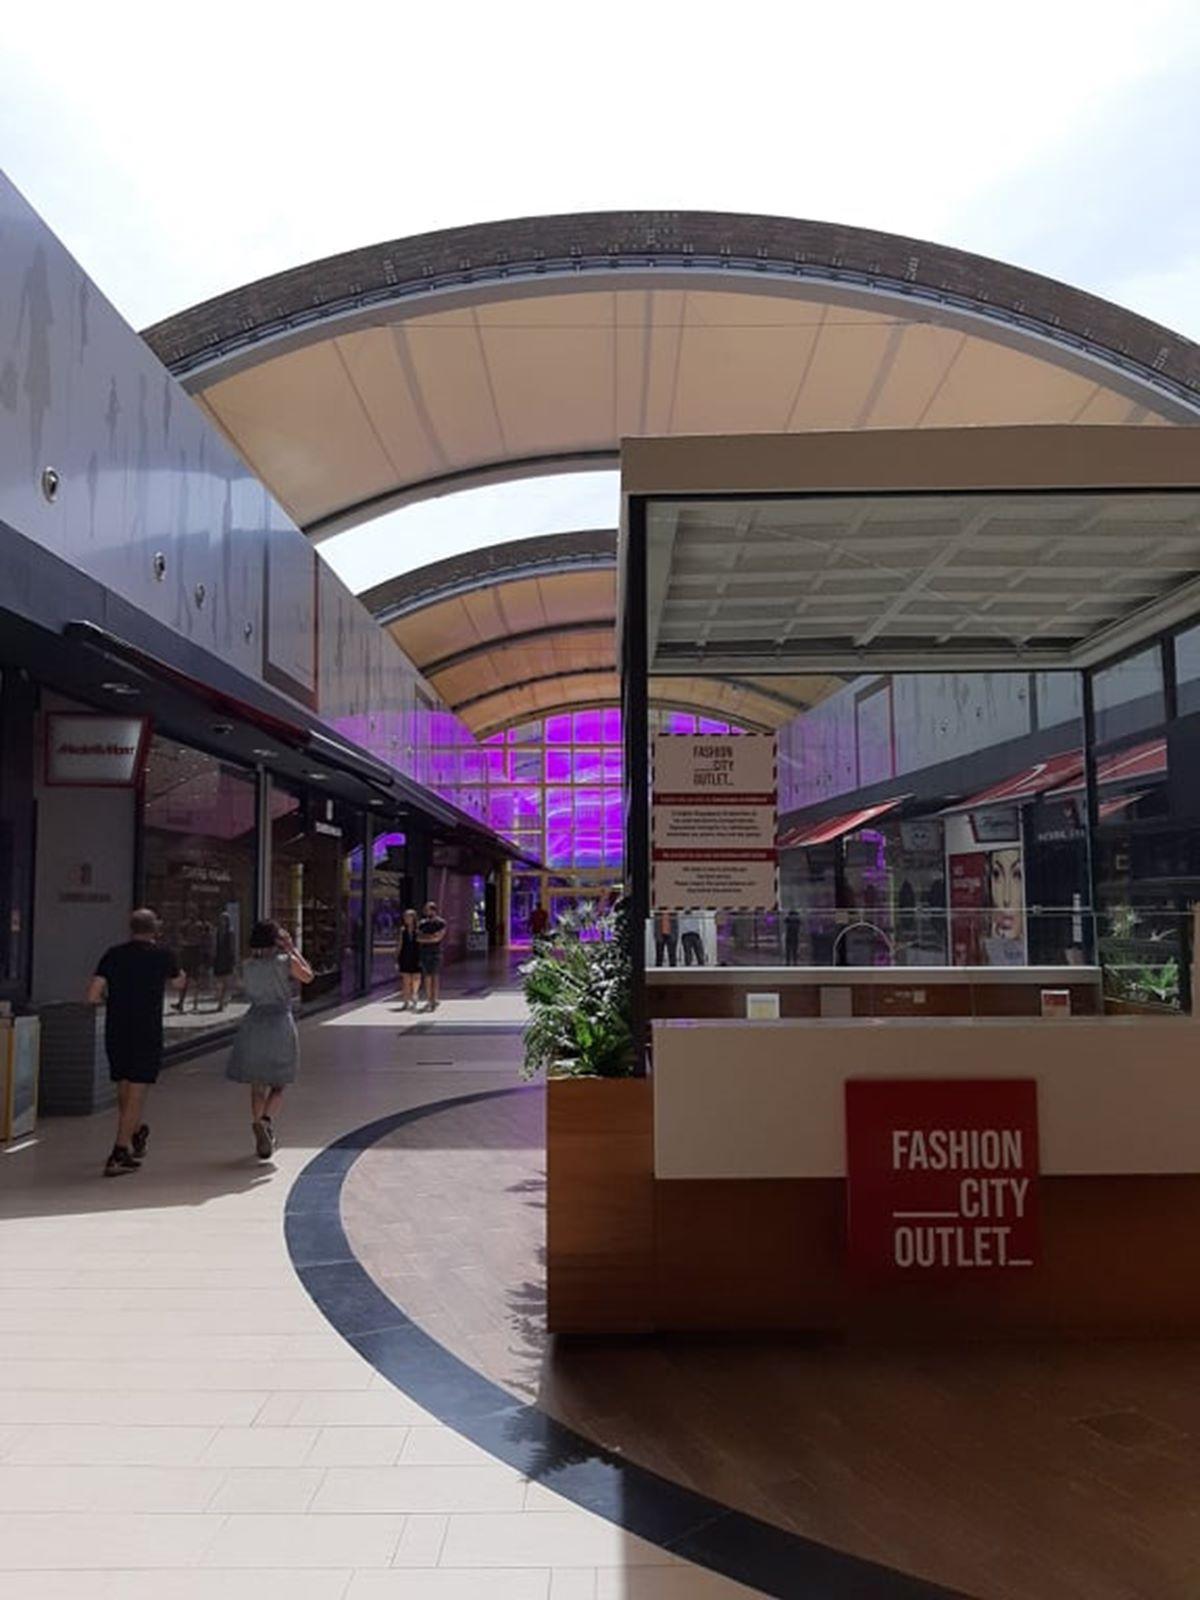 Fashion City Outlet: Μετά τα εμπορικά καταστήματαανοίγουν και οι χώροι εστίασης